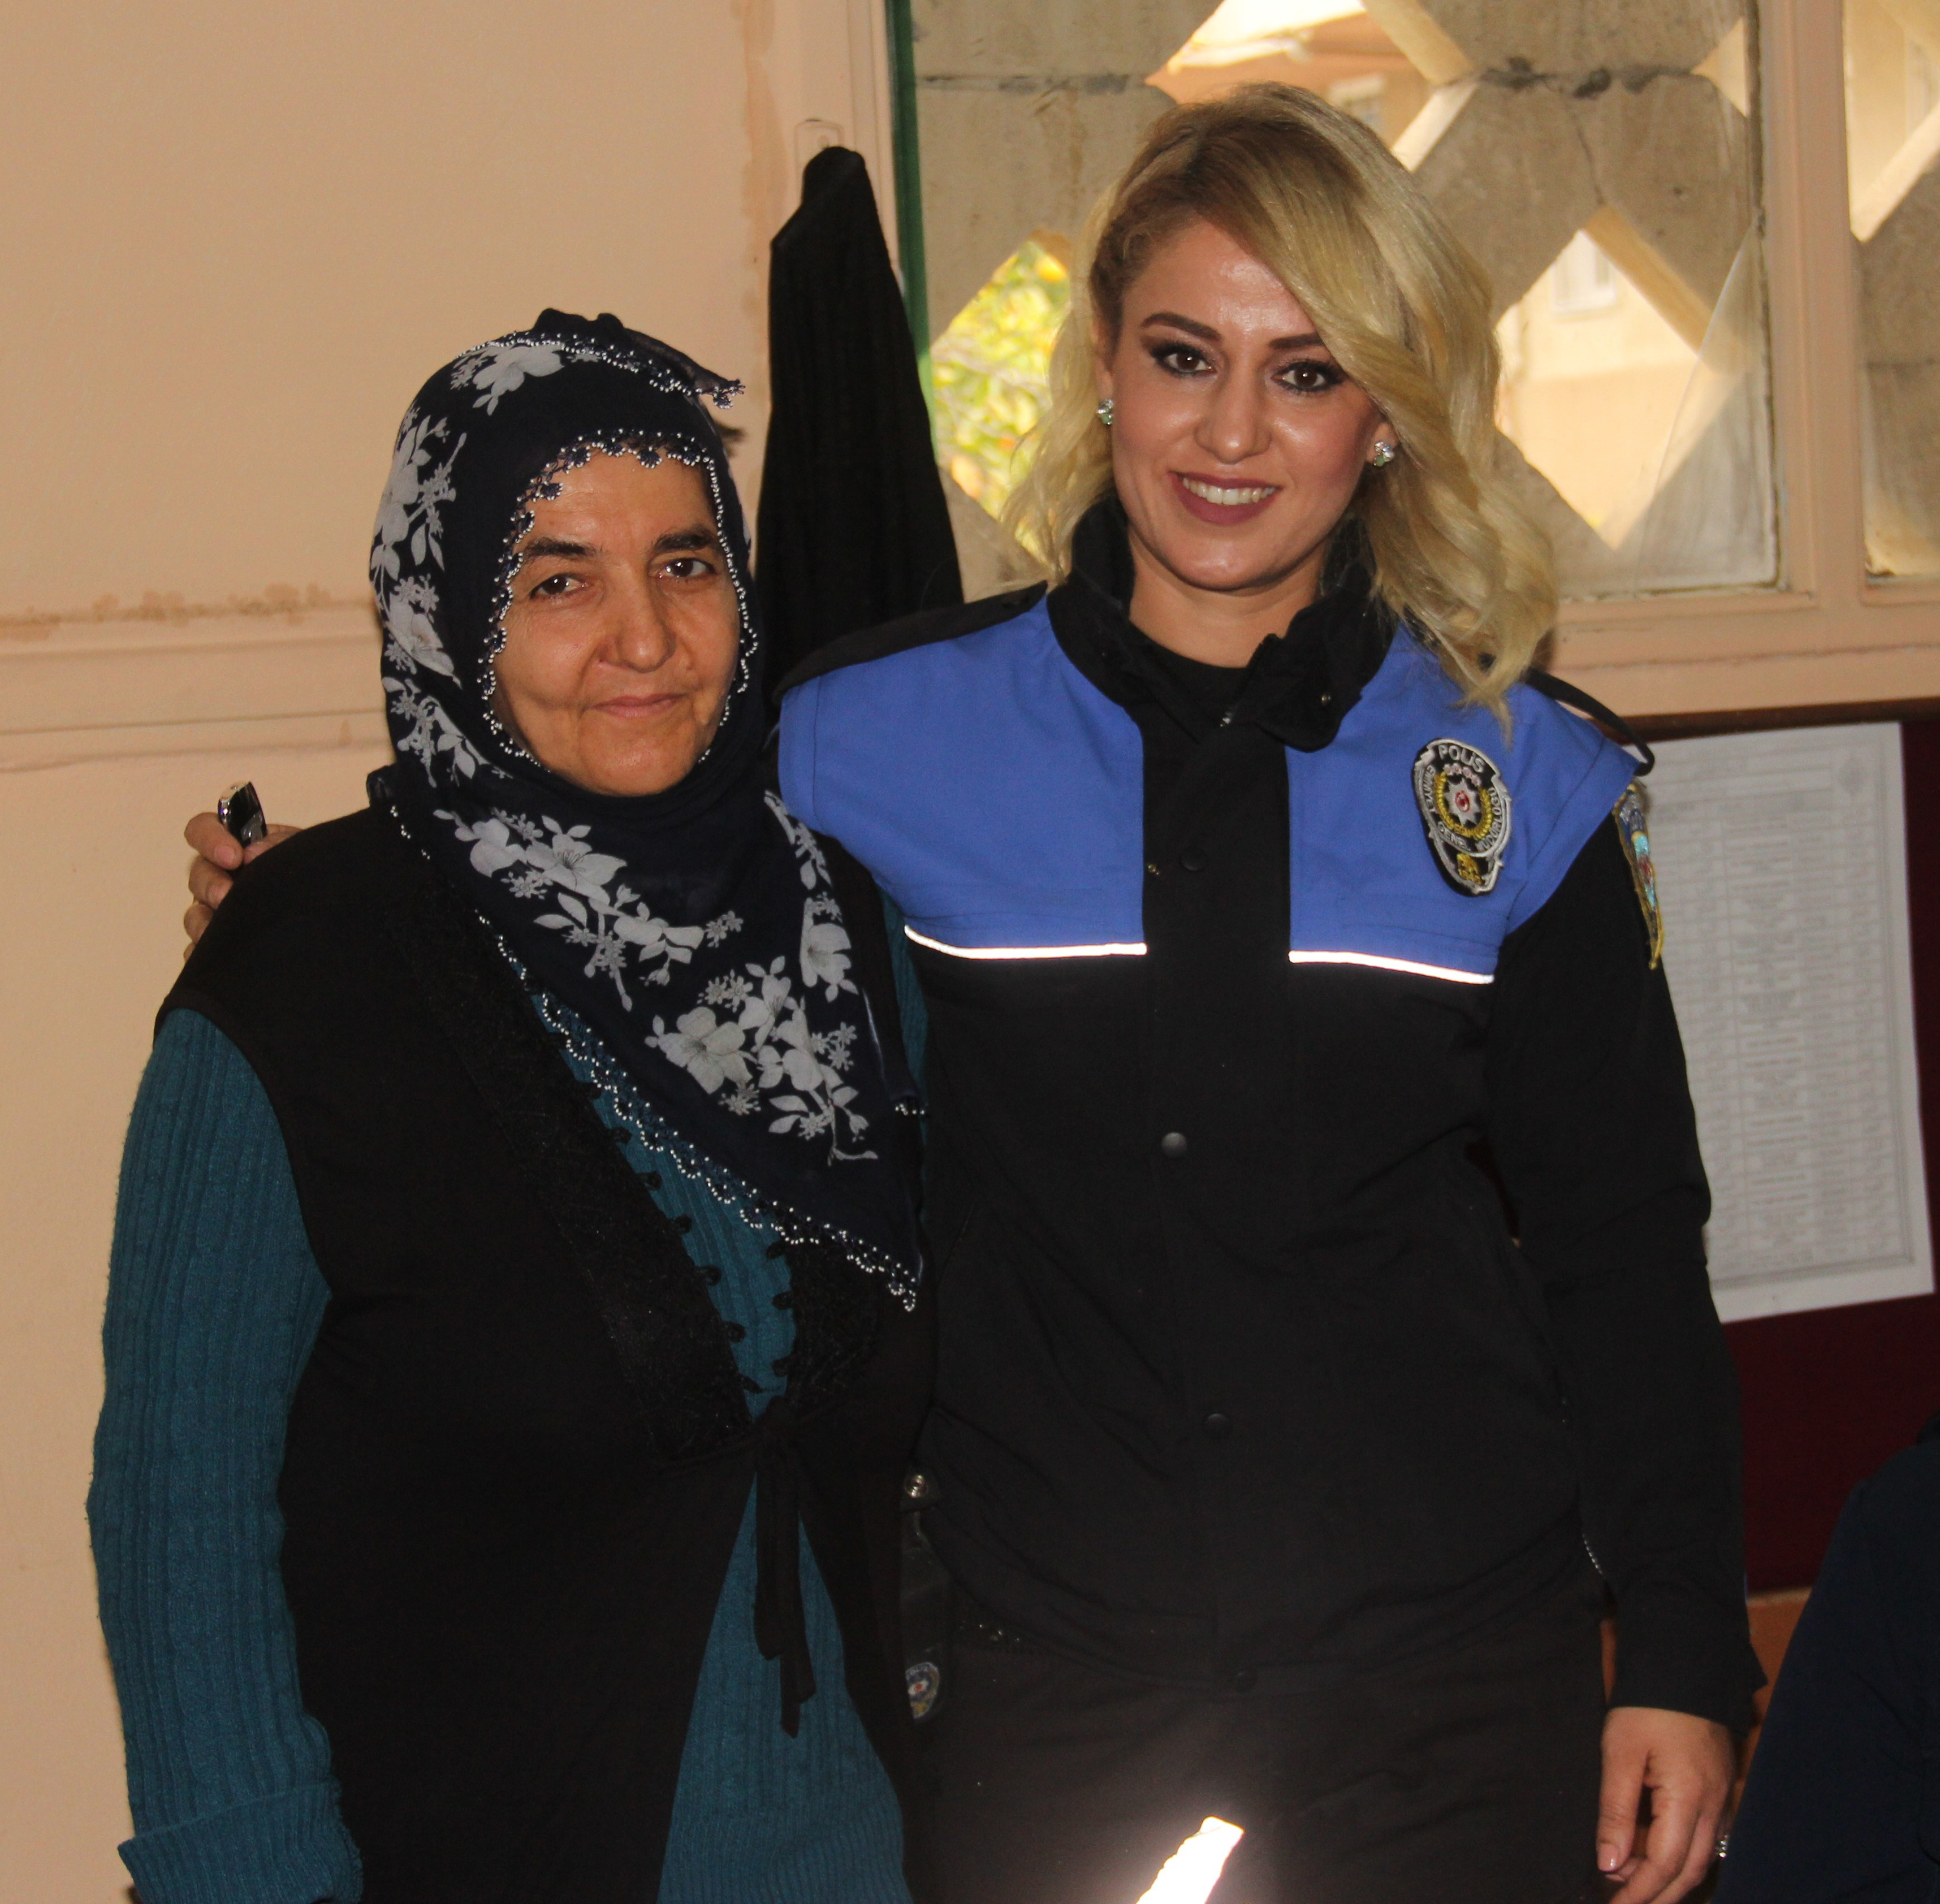 Polisten Adanalı kadınlara camide eğitim